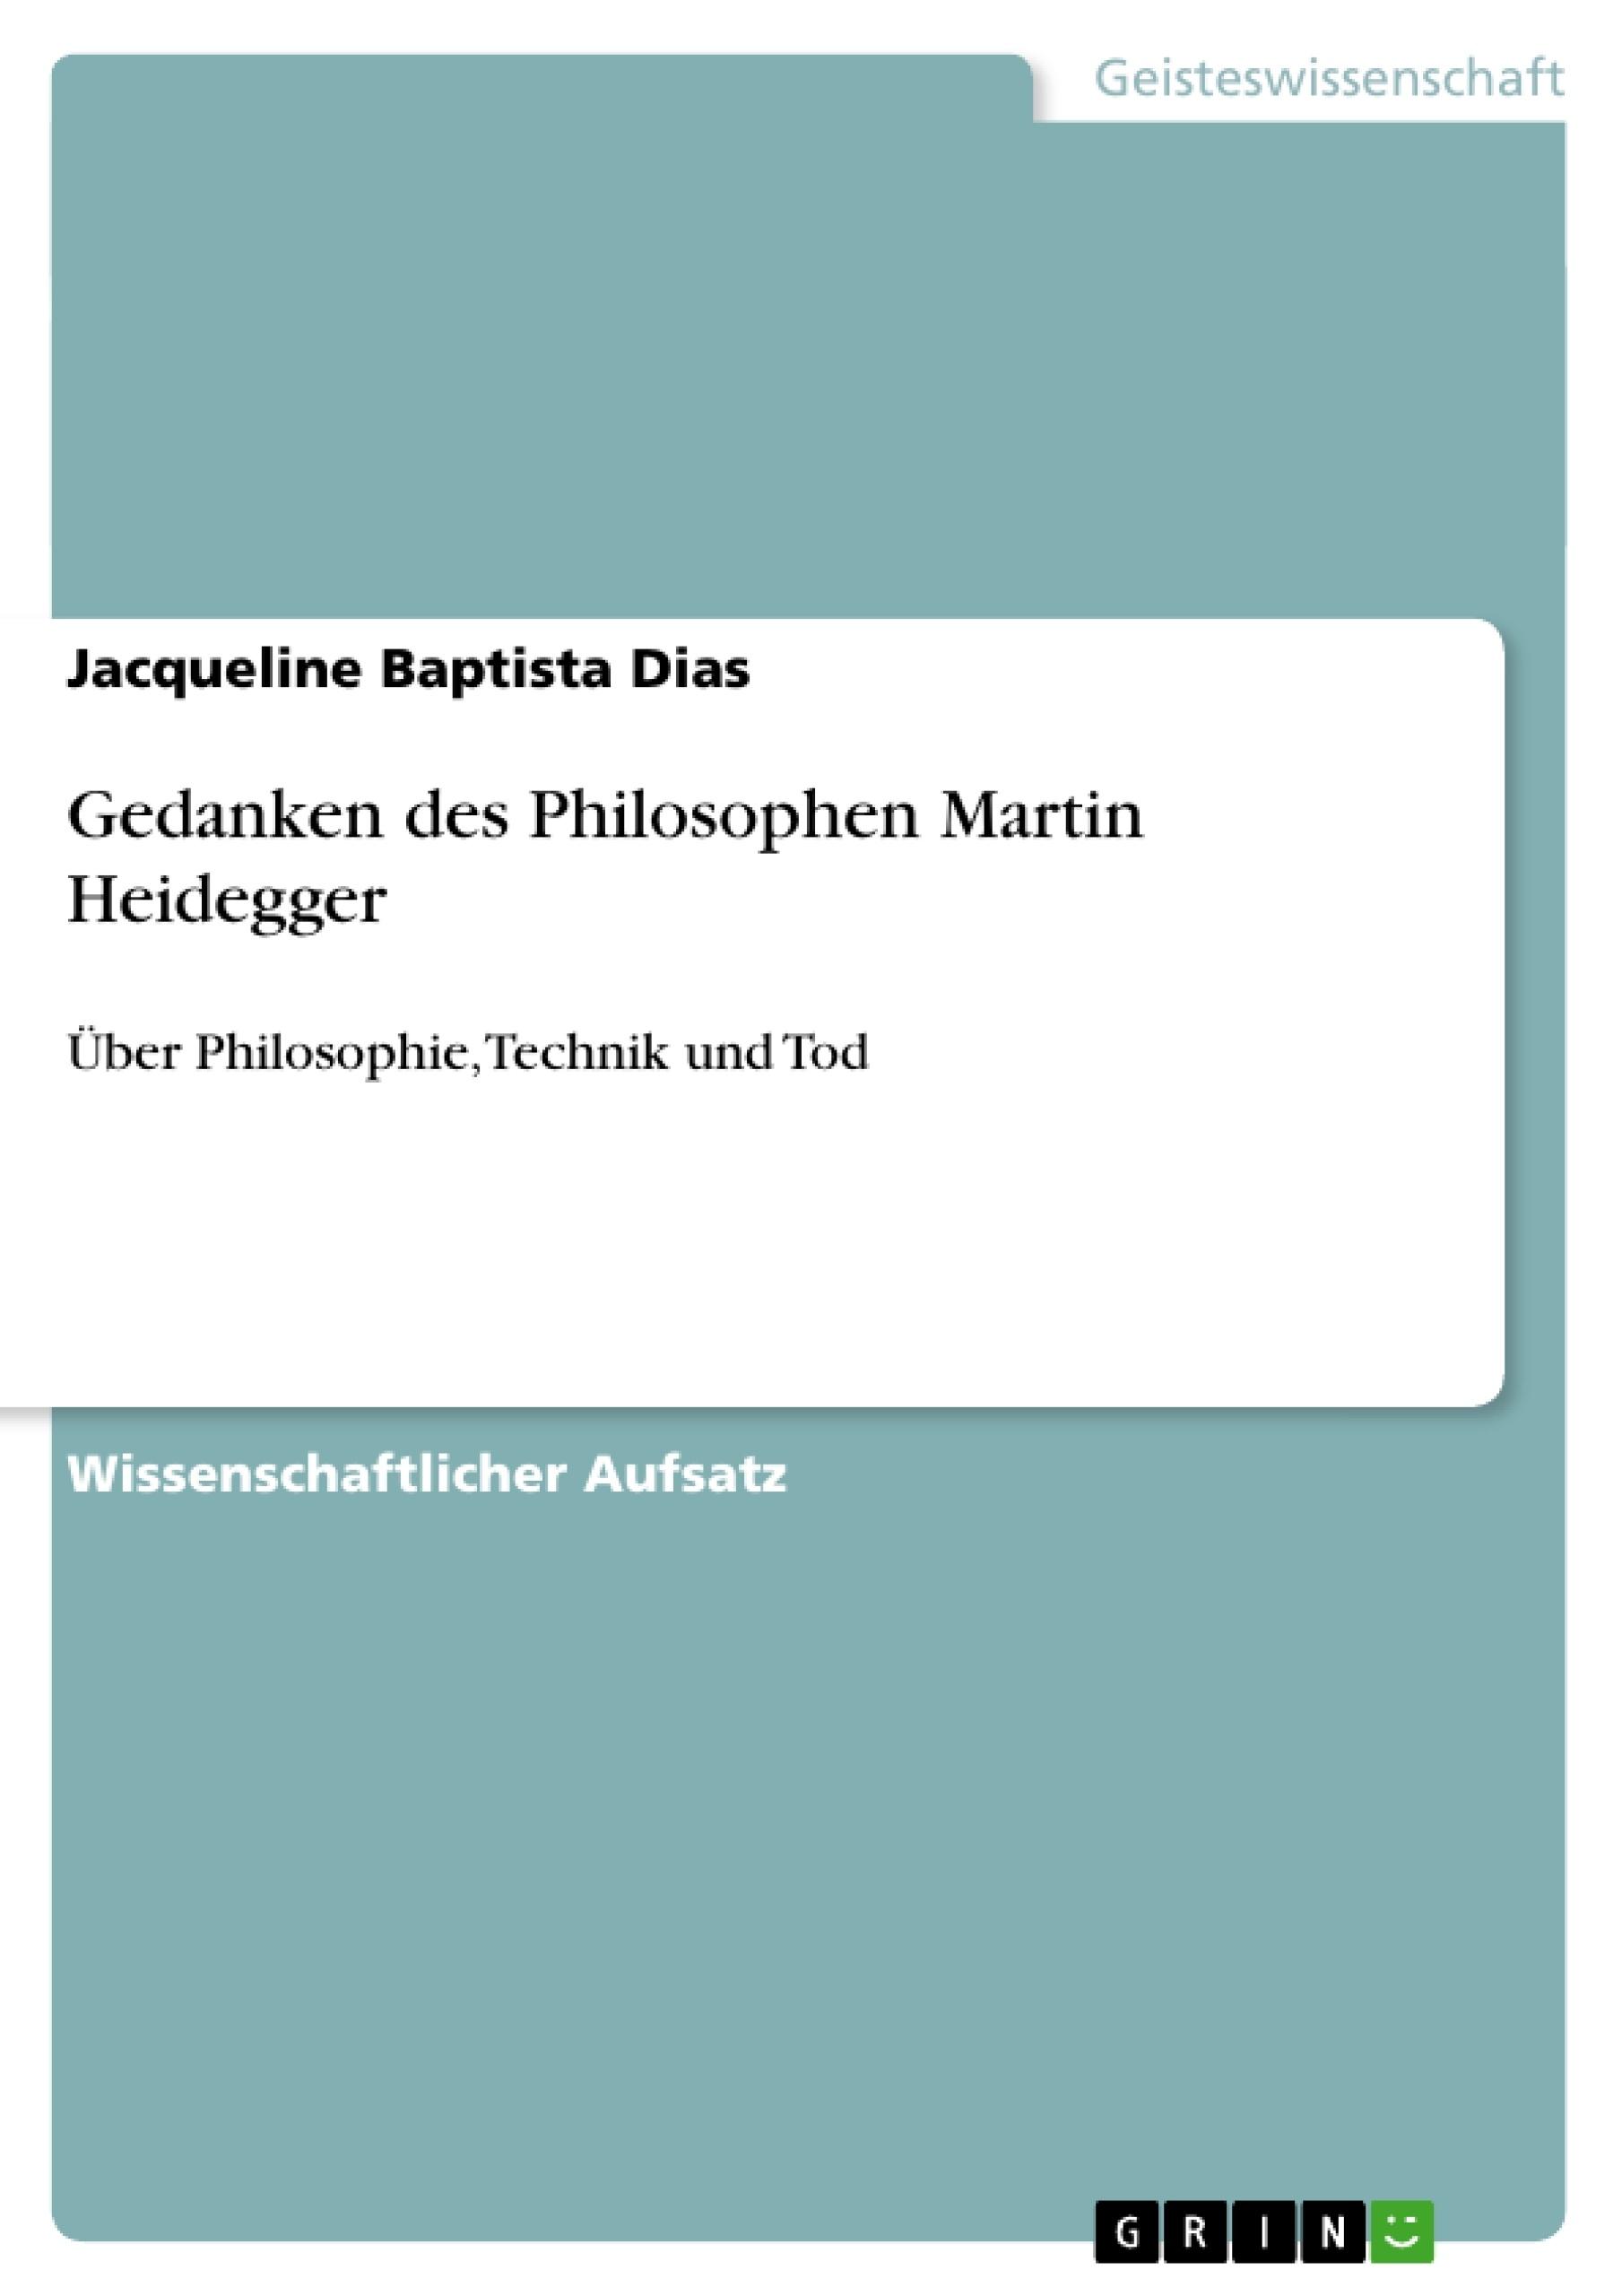 Titel: Gedanken des Philosophen Martin Heidegger